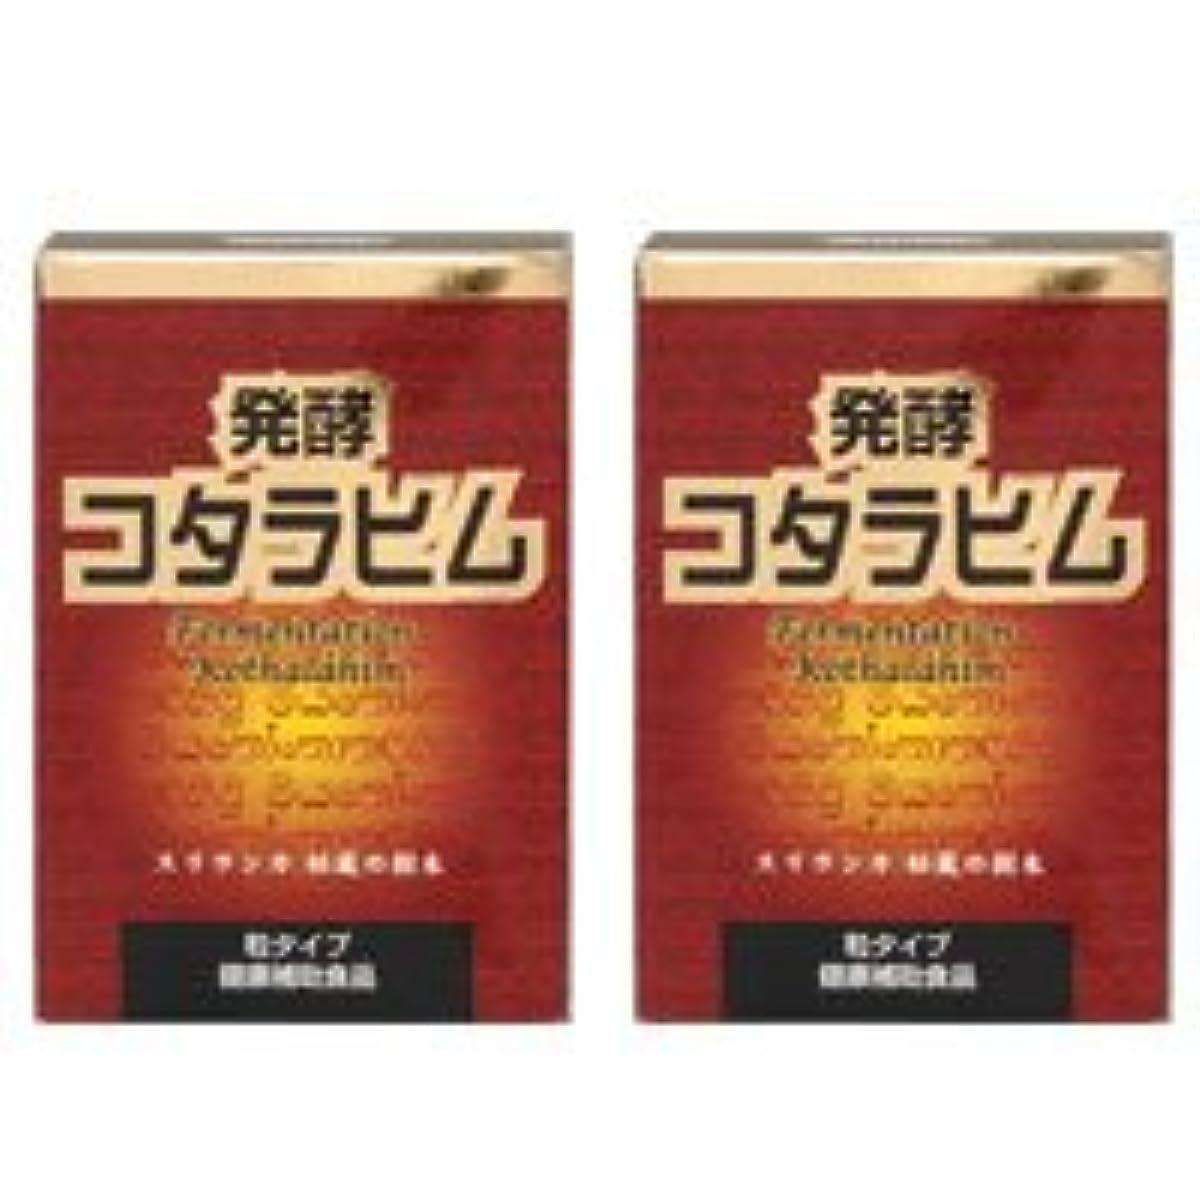 必要性精通したブレイズ発酵コタラヒム2個セット【糖を変化させるコタラヒム】